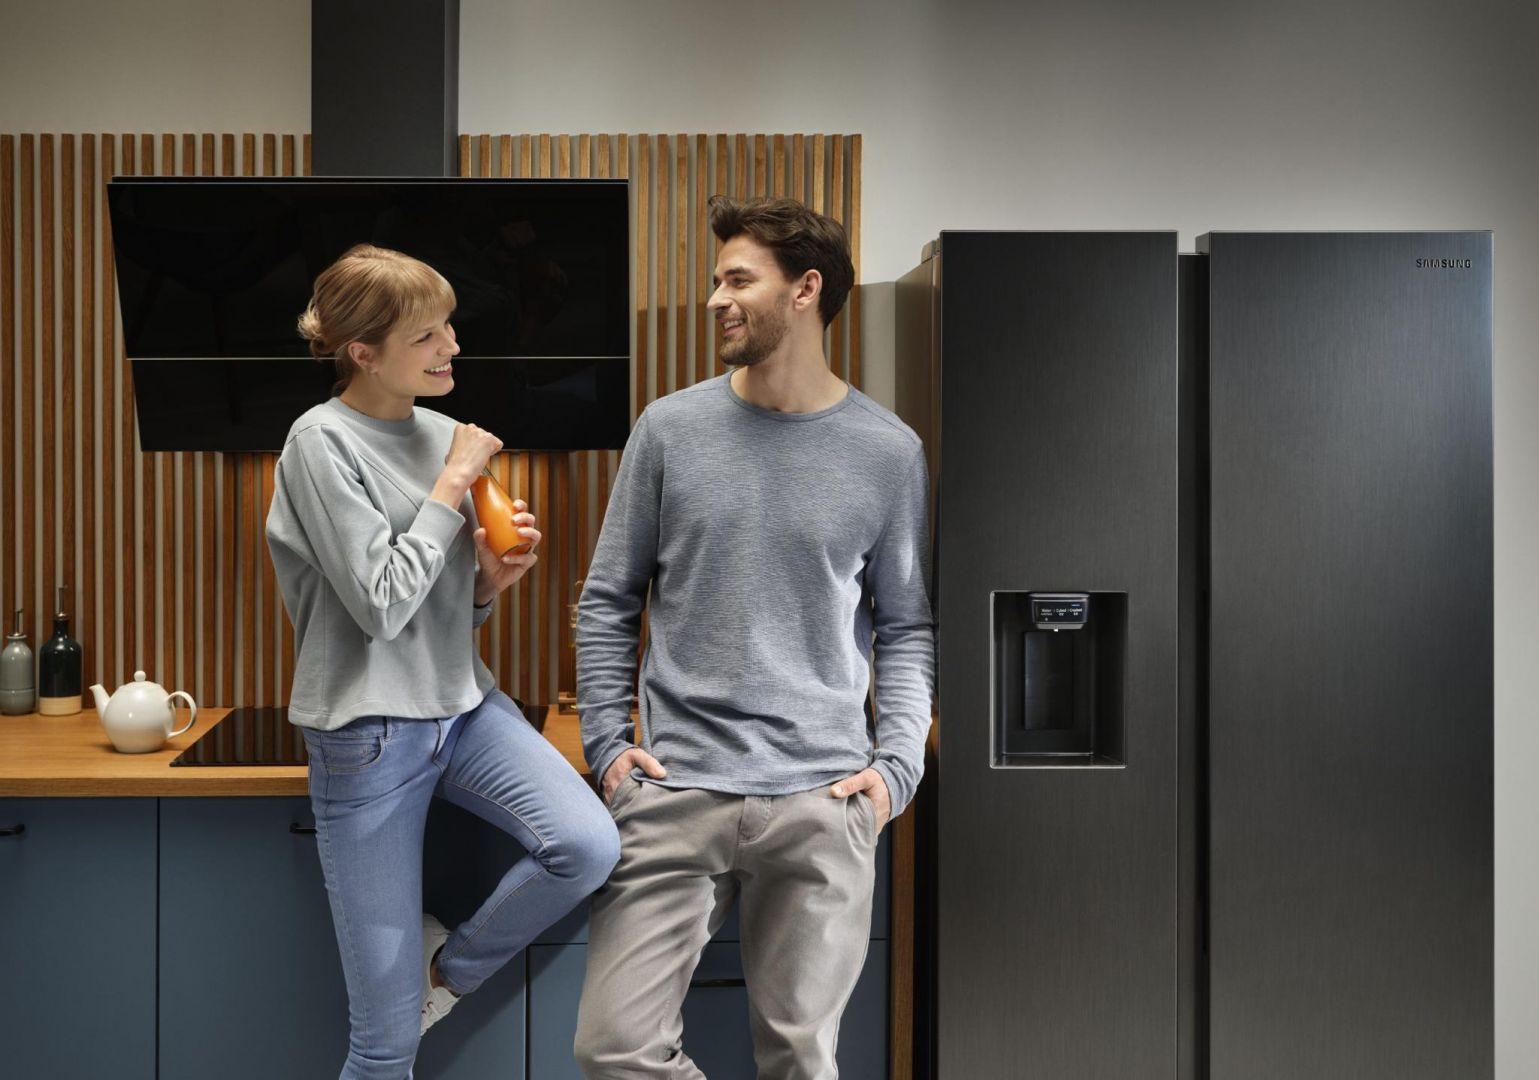 Optymalne warunki do przechowywania są bardzo ważne, ale oprócz tego ankietowani zwracają uwagę także na przestrzeń wewnątrz urządzenia. Fot. Samsung